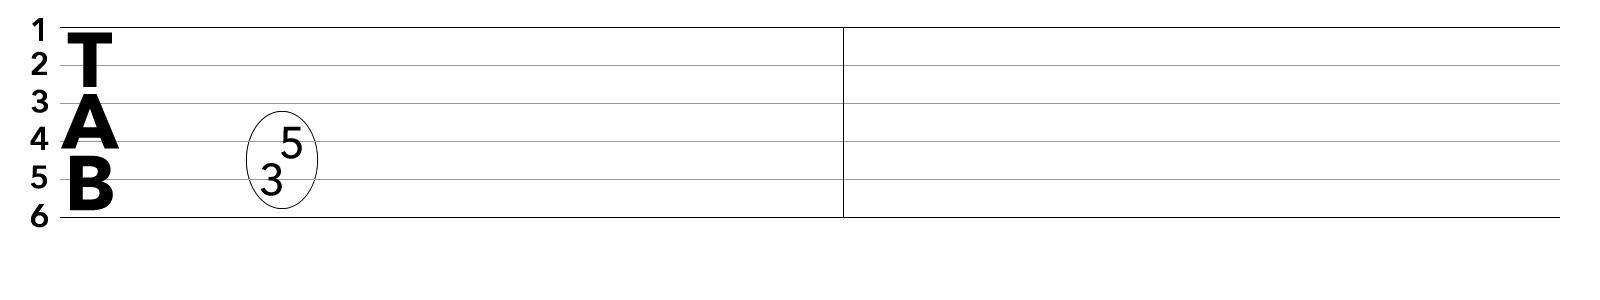 TAB譜:コードチェンジを伴うブリッジミュートの課題練習フレーズ1-2